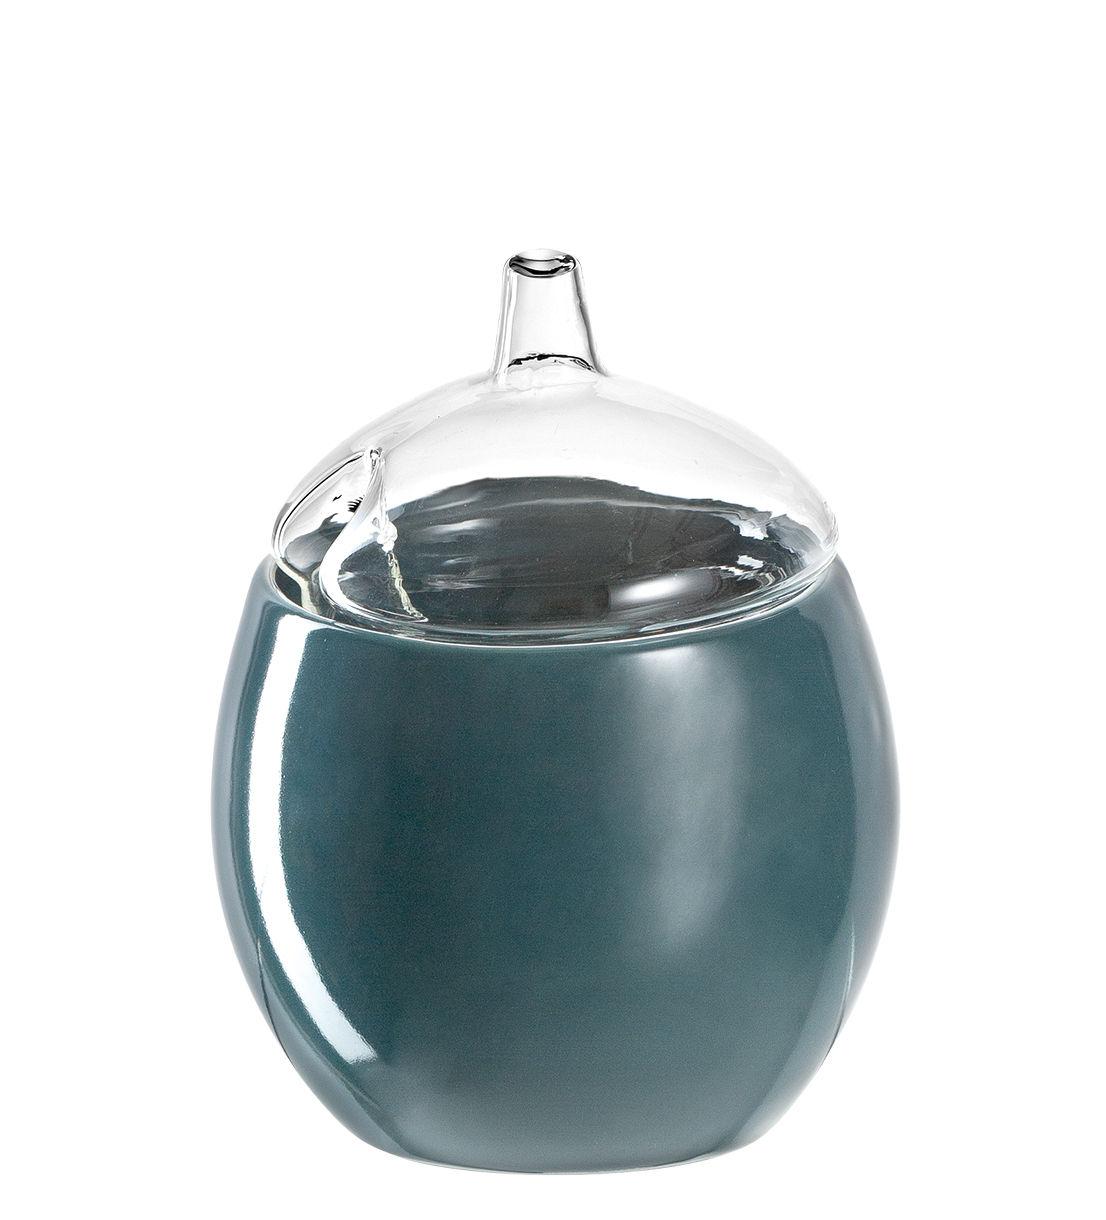 Arts de la table - Saladiers, coupes et bols - Bol Firenze / Avec couvercle - Ø 10 cm - Leonardo - Bleu pétrole - Verre